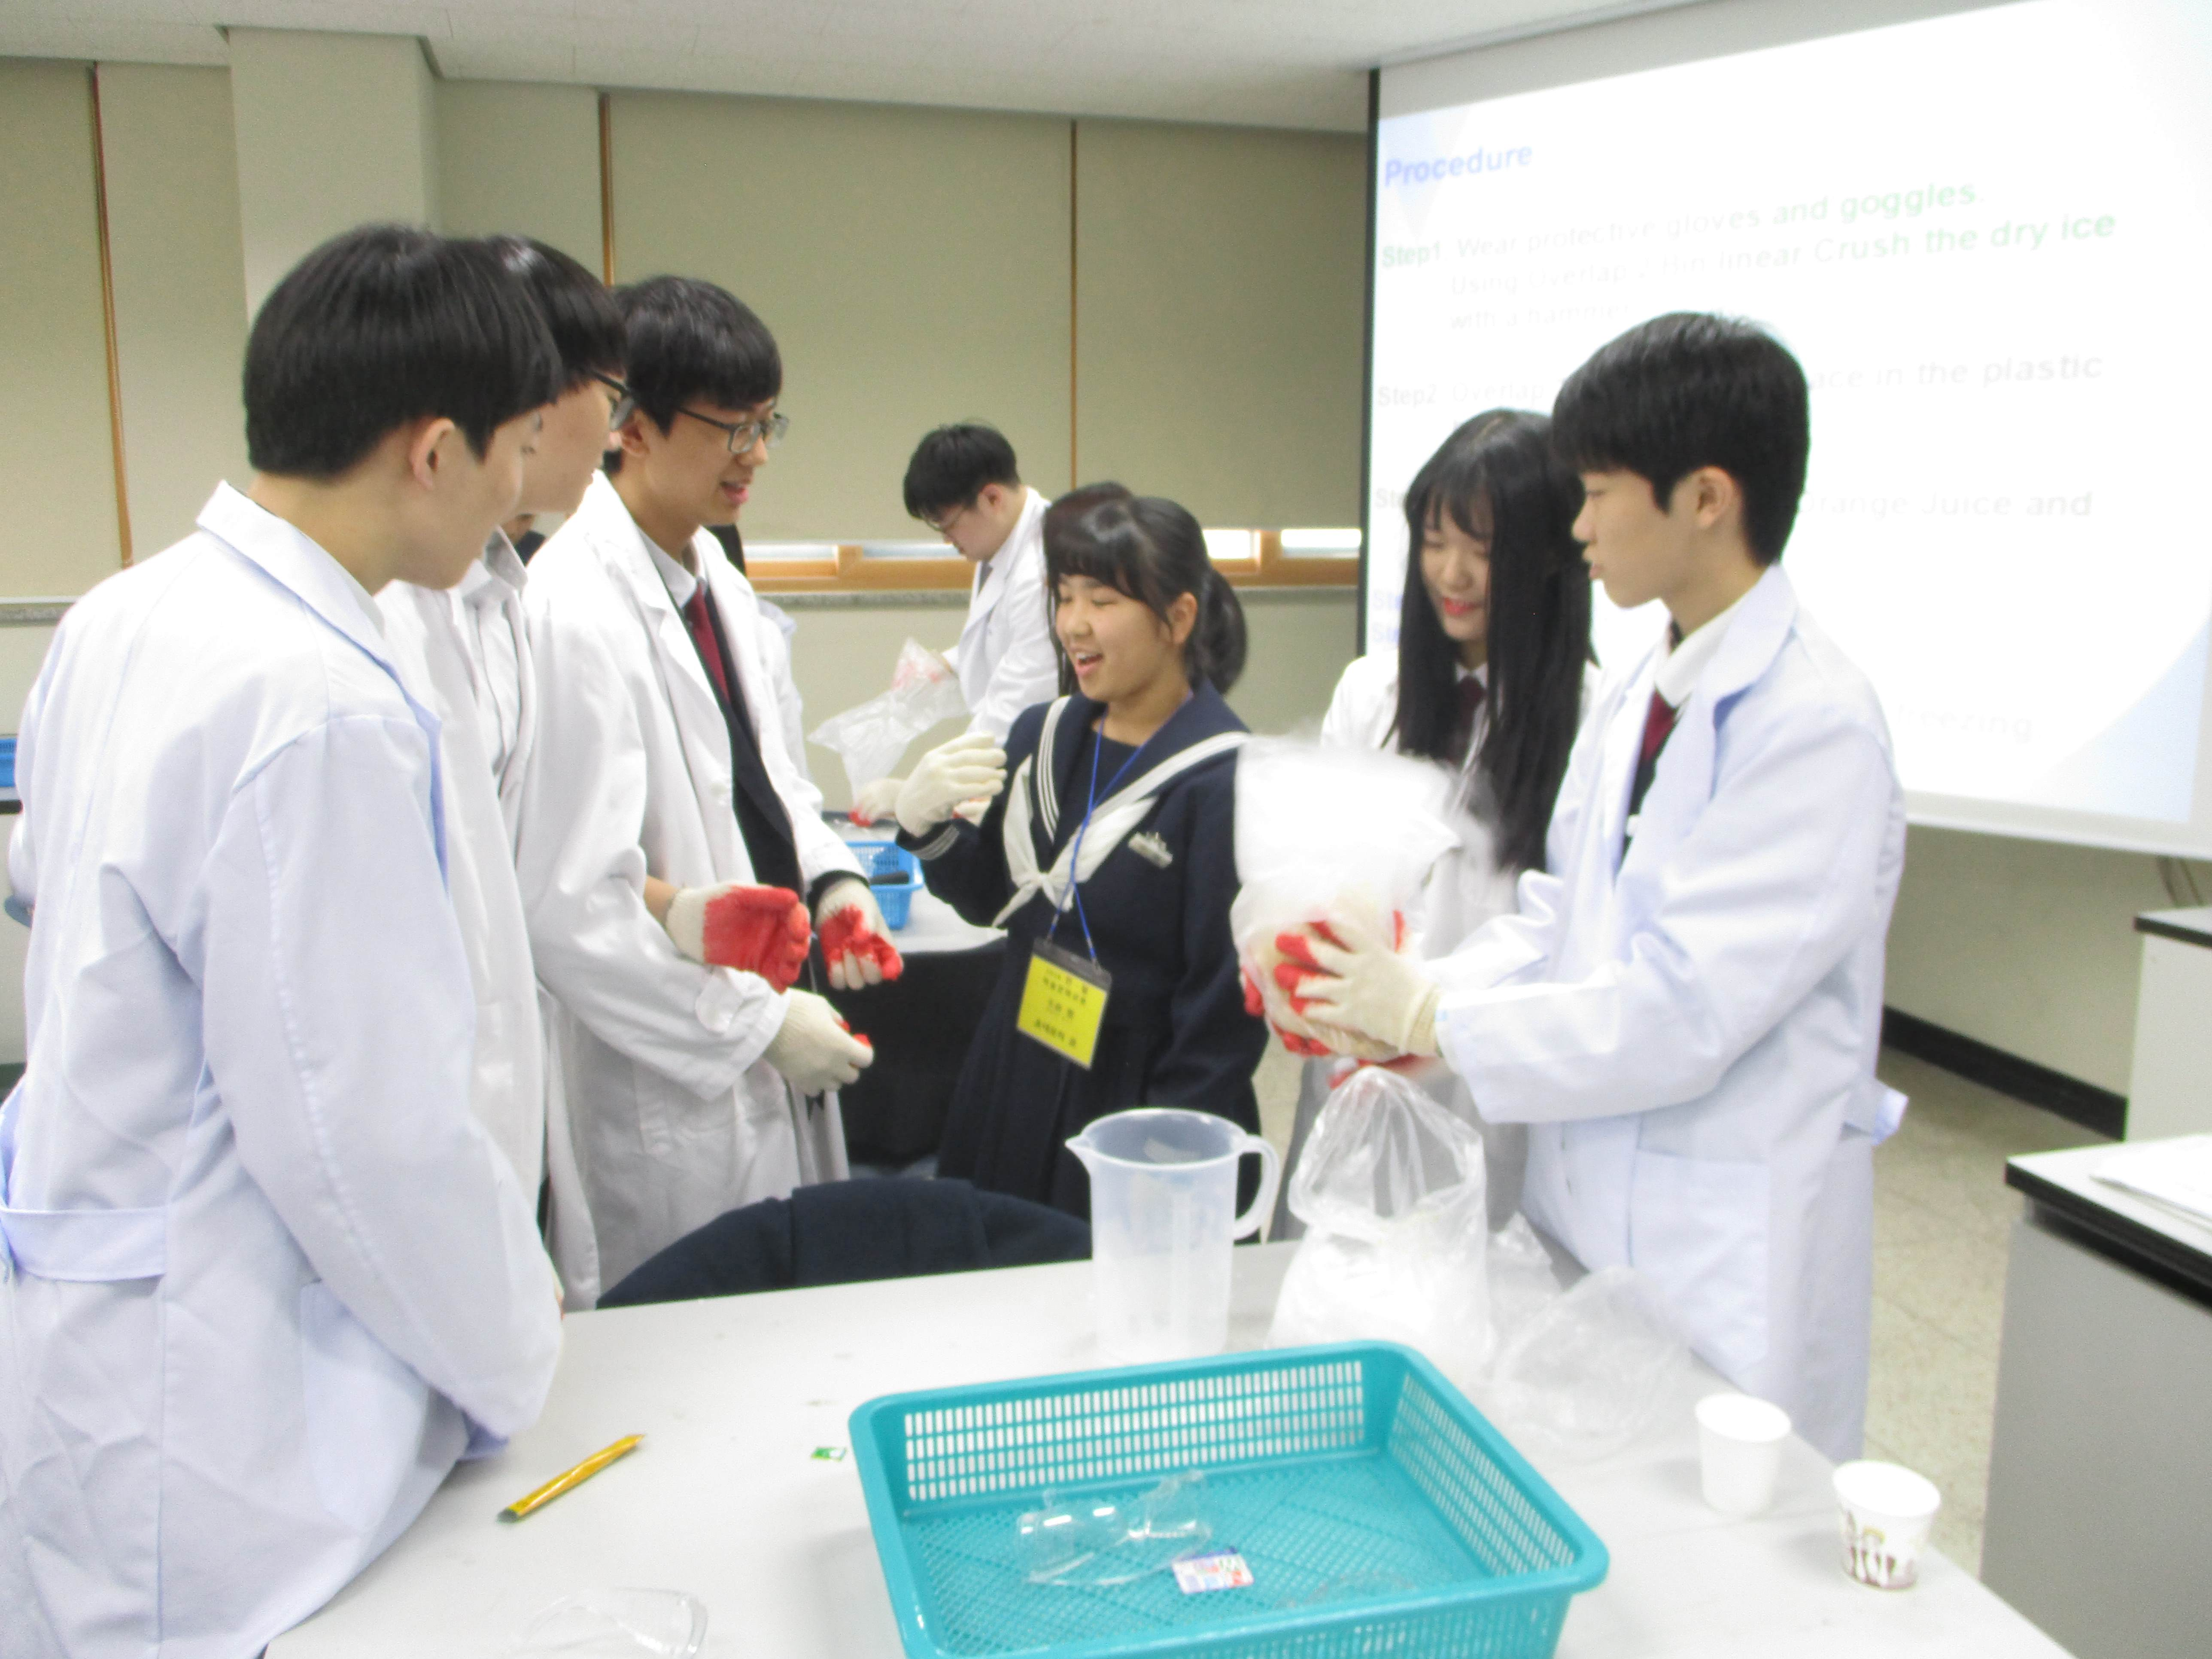 熊本県立宇土高校の事例の画像